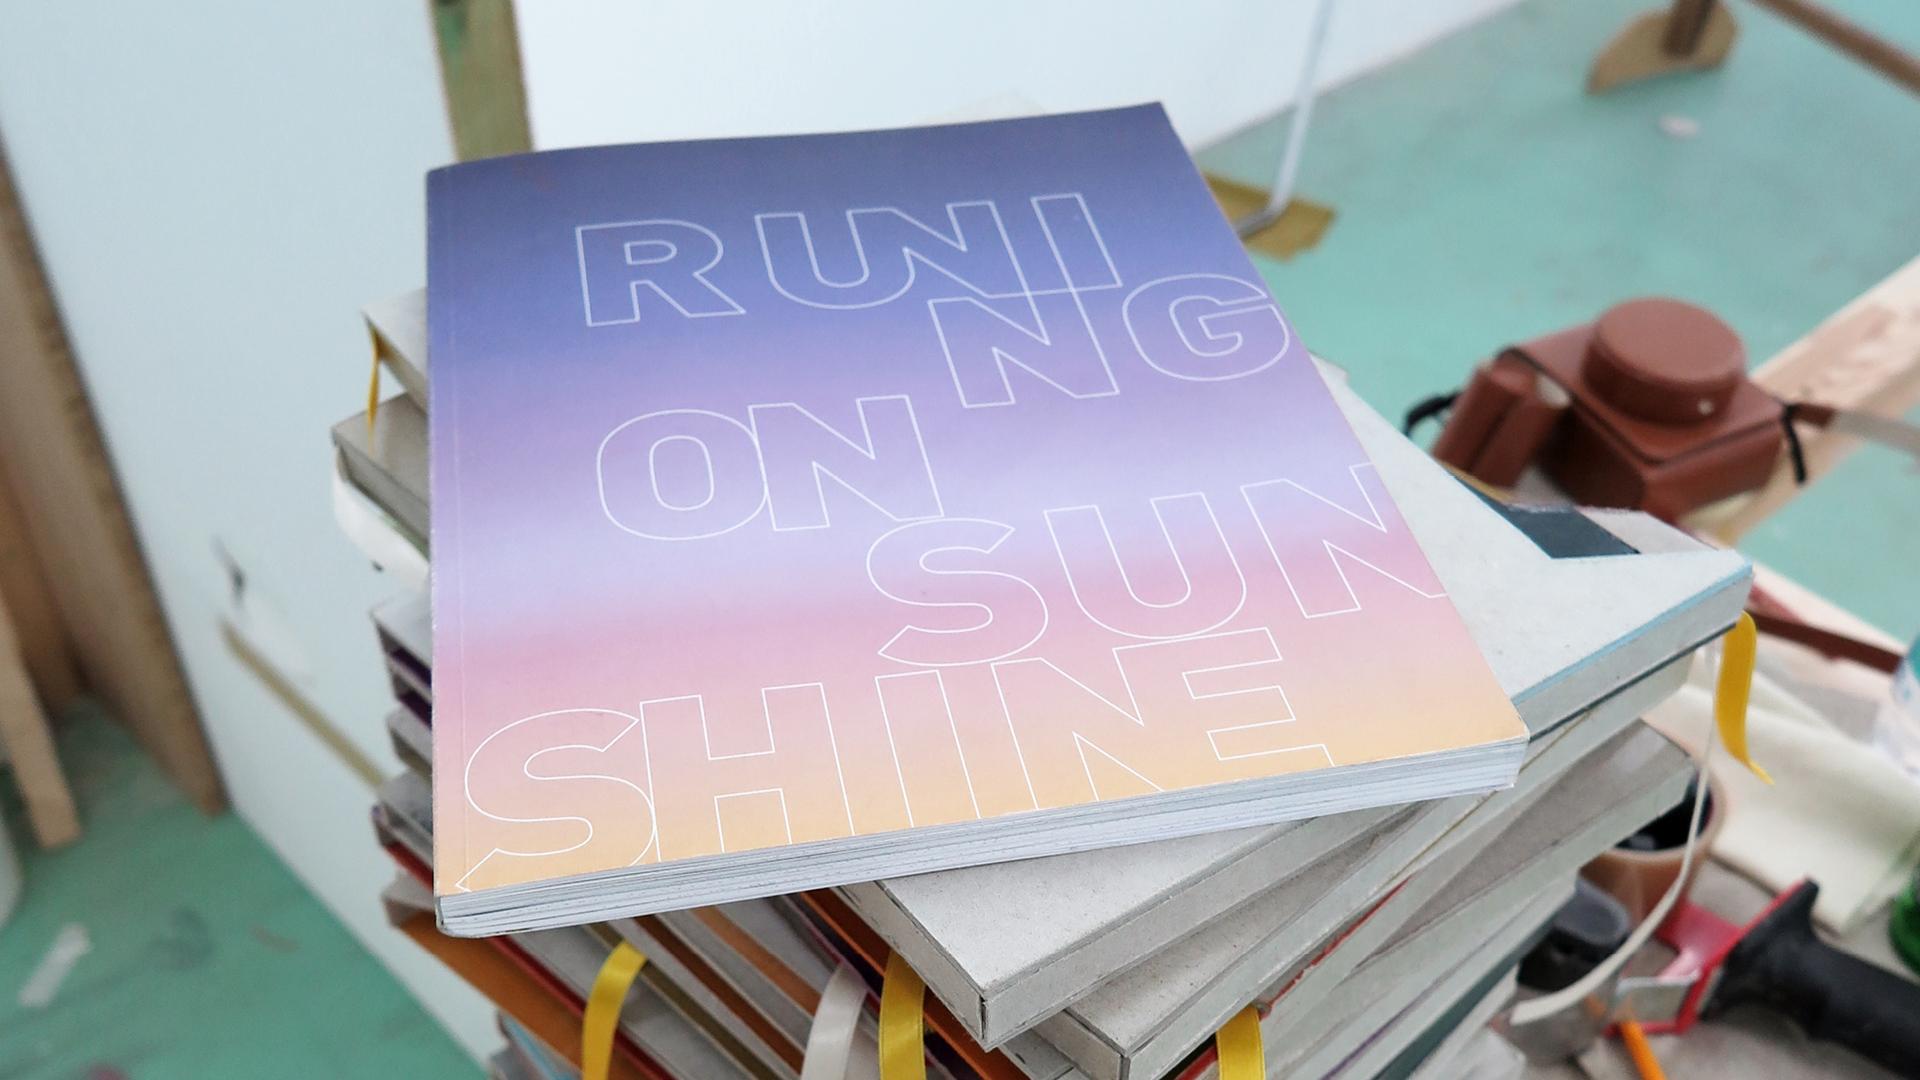 Henrik Eiben Running on Sunshine Katalog von vorne